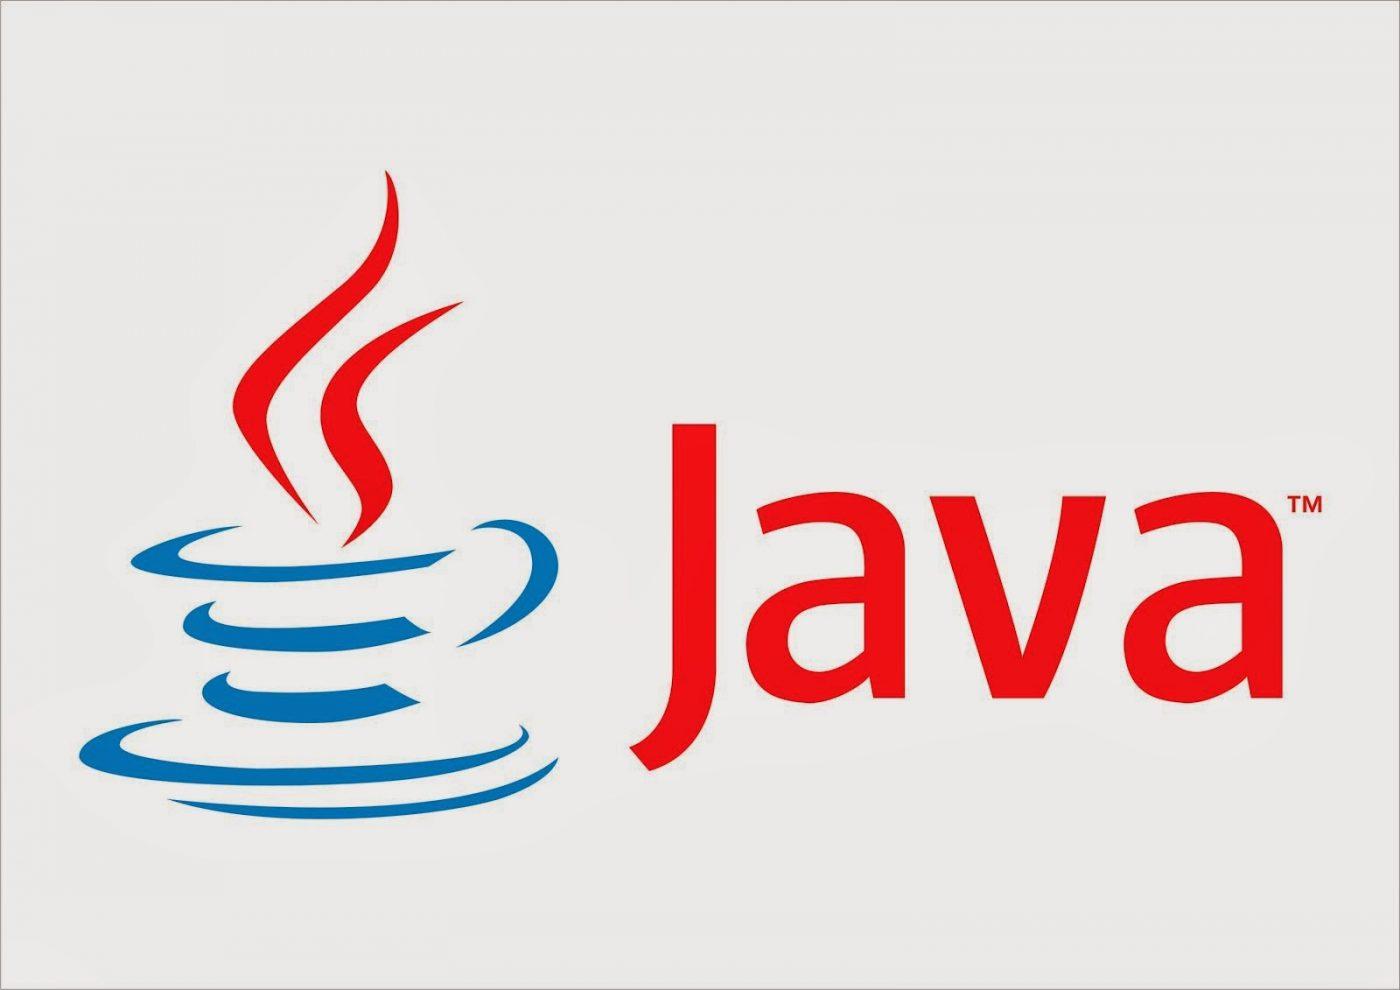 logo-java تحميل برنامج الجافا لتشغيل الألعاب ومواقع التواصل والمتصفحات مجاناً برامج اندرويد تحميل برامج كمبيوتر